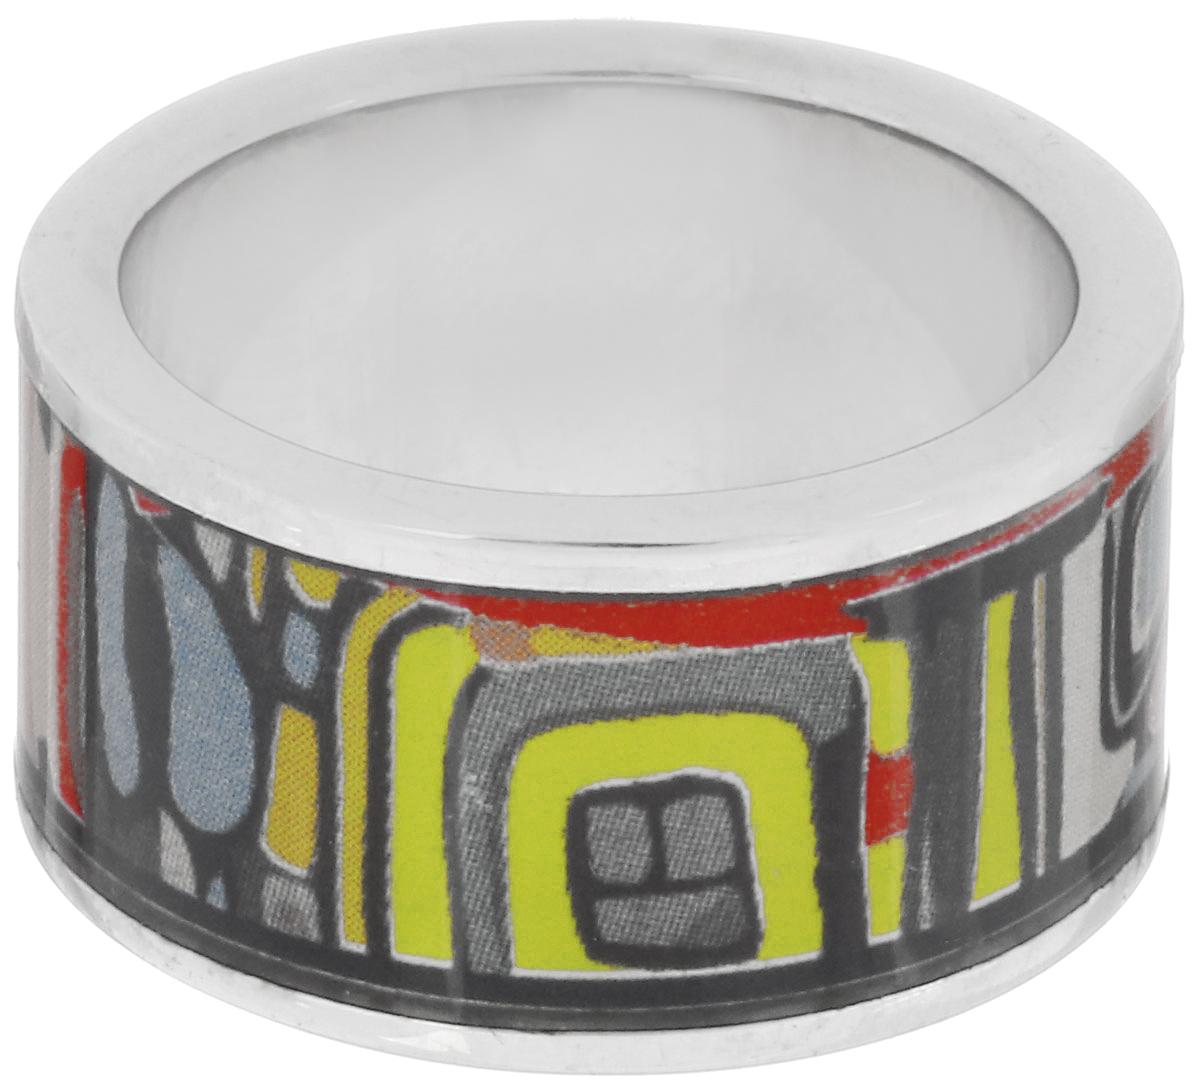 Кольцо Art-Silver, цвет: серебристый, мультиколор. ФК114-1-320. Размер 16,5ФК114-1-320Великолепное кольцо Art-Silver изготовлено из бижутерного сплава. Изделие с покрытием из эмали оформлено оригинальным орнаментом. Стильное кольцо придаст вашему образу изюминку и подчеркнет индивидуальность.